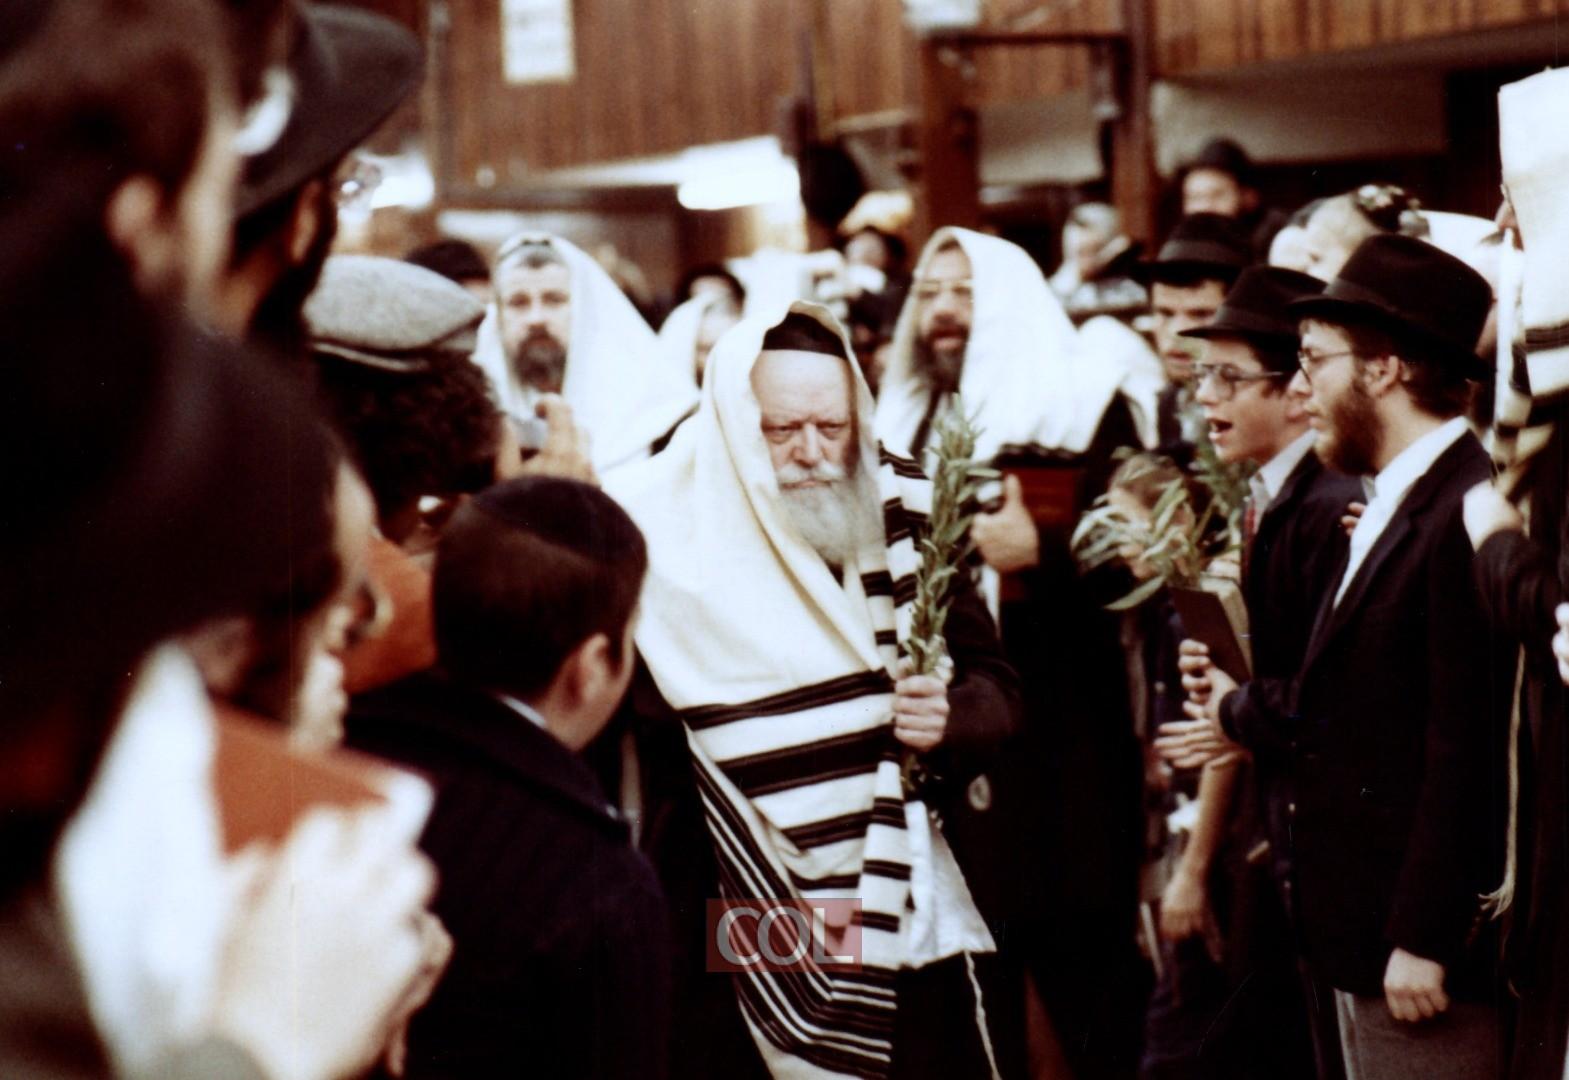 הרבי נכנס לתפילת שחרית בעודו מחזיק בערבות ההושענות